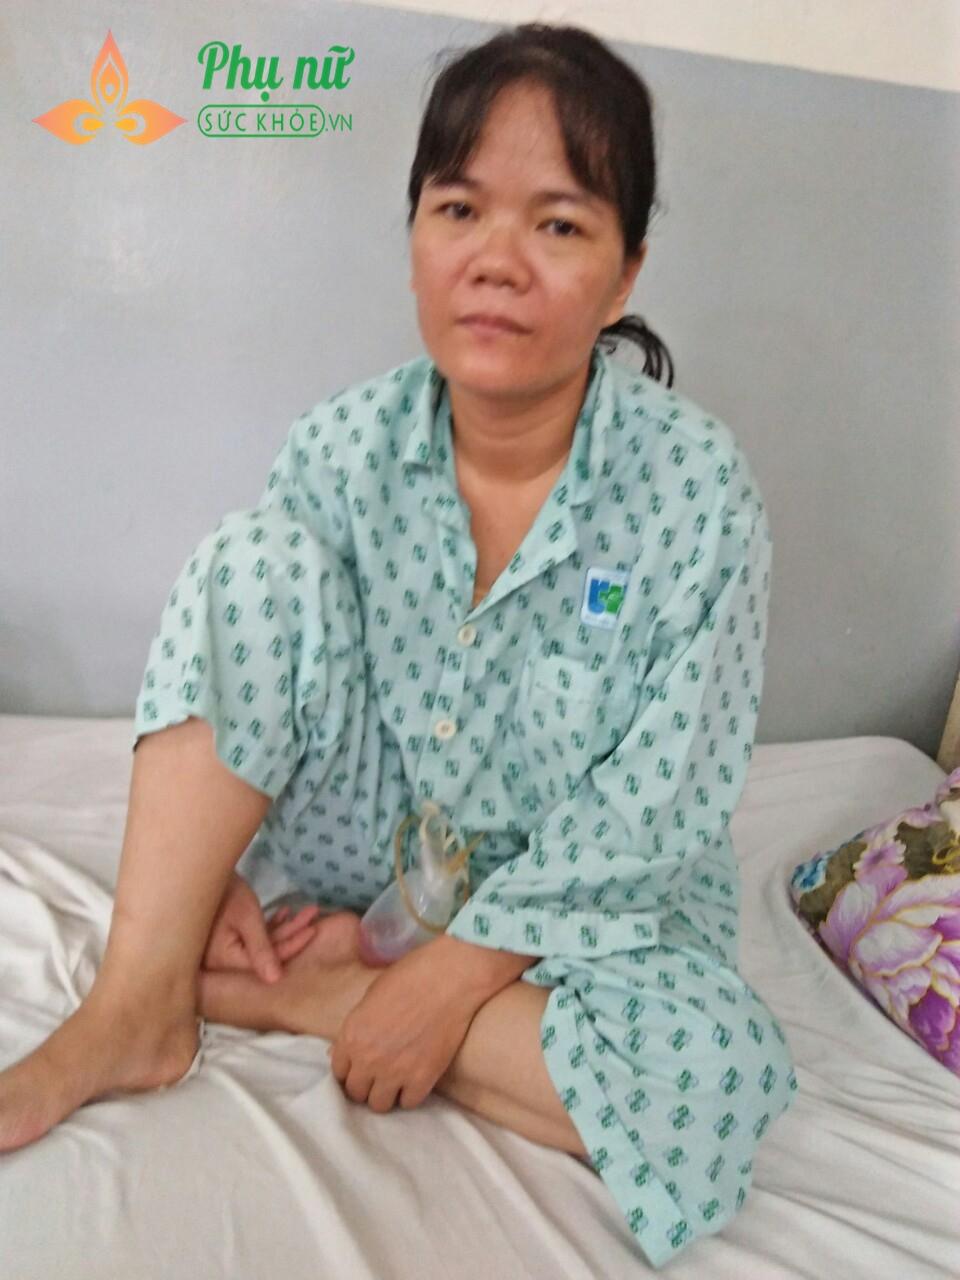 Ngày 25/05/2019, chị Trinh vừa trải qua ca phẫu thuật cắt bỏ vú phải do khối u ở vú trái di căn